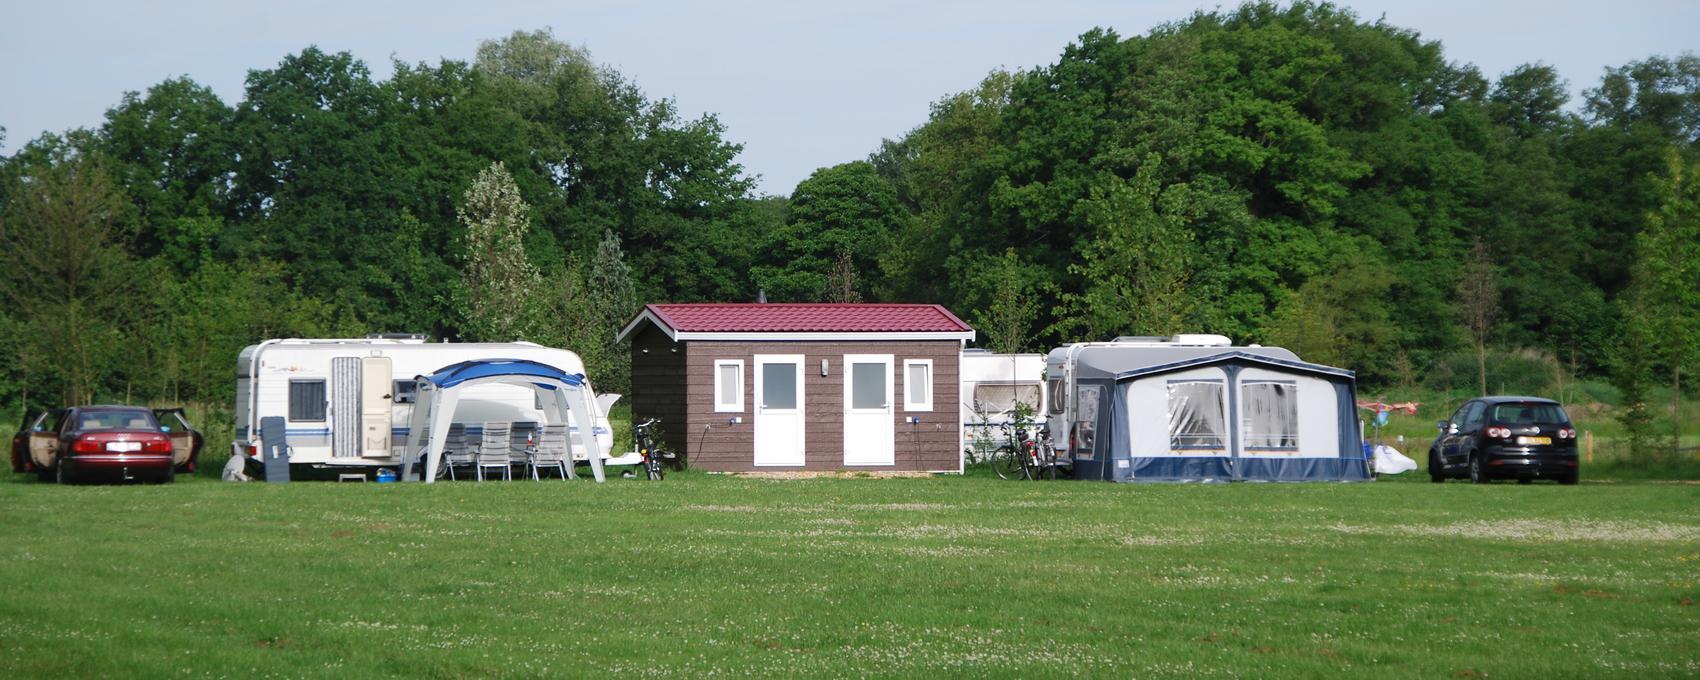 Camping met Privesanitair